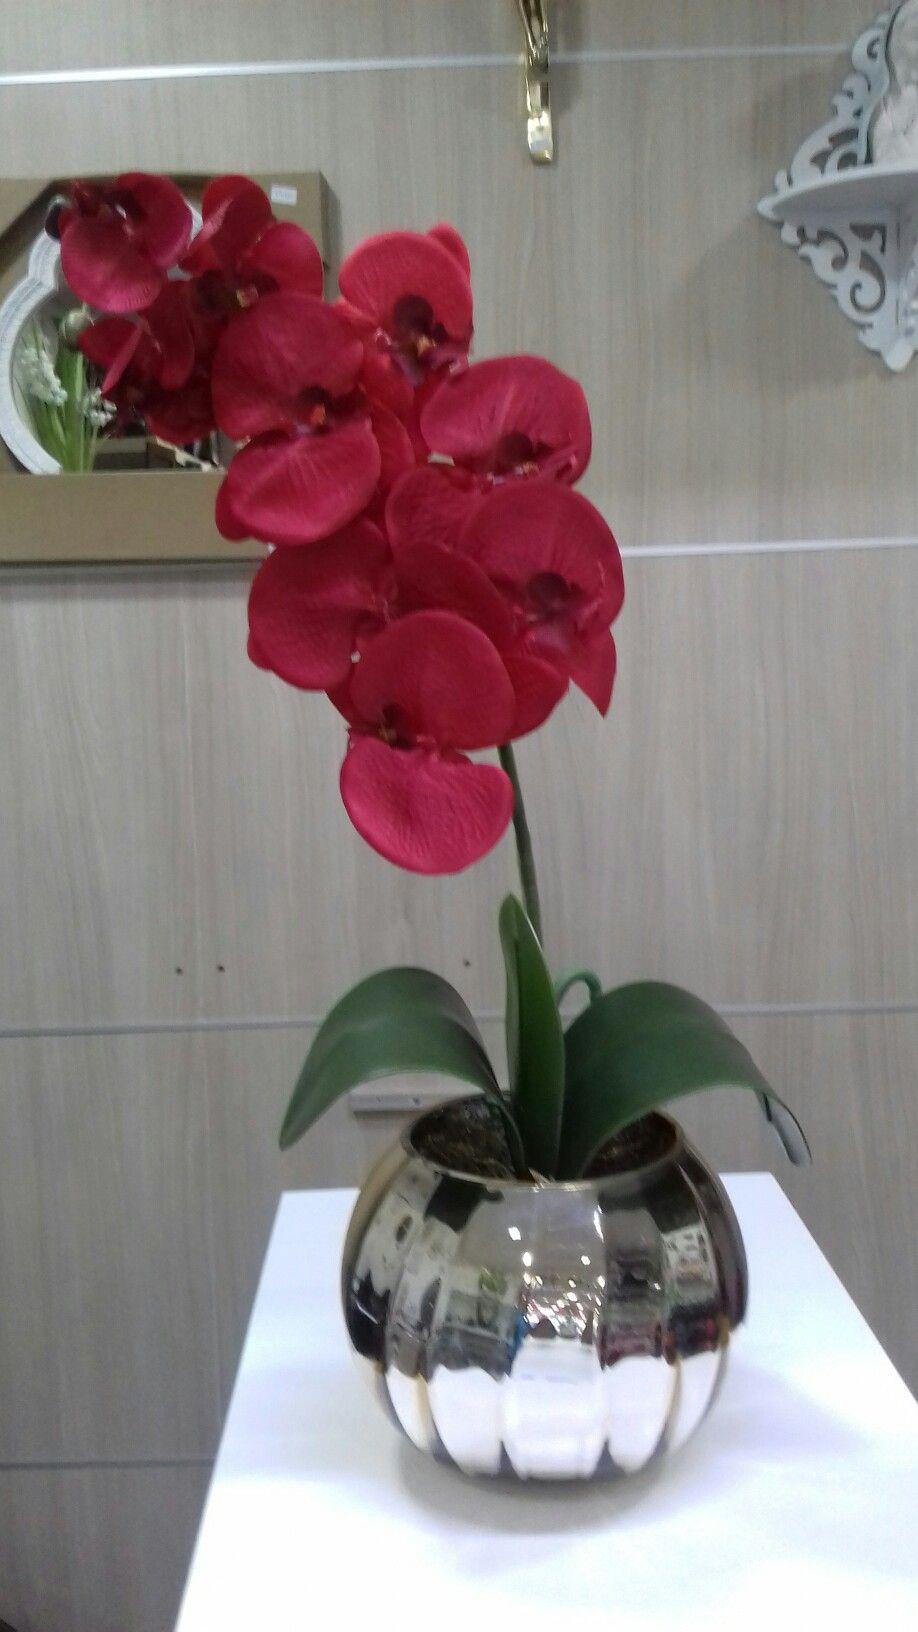 Vaso Aquario Dourado Com Orquideas Artificial Vermelha Com